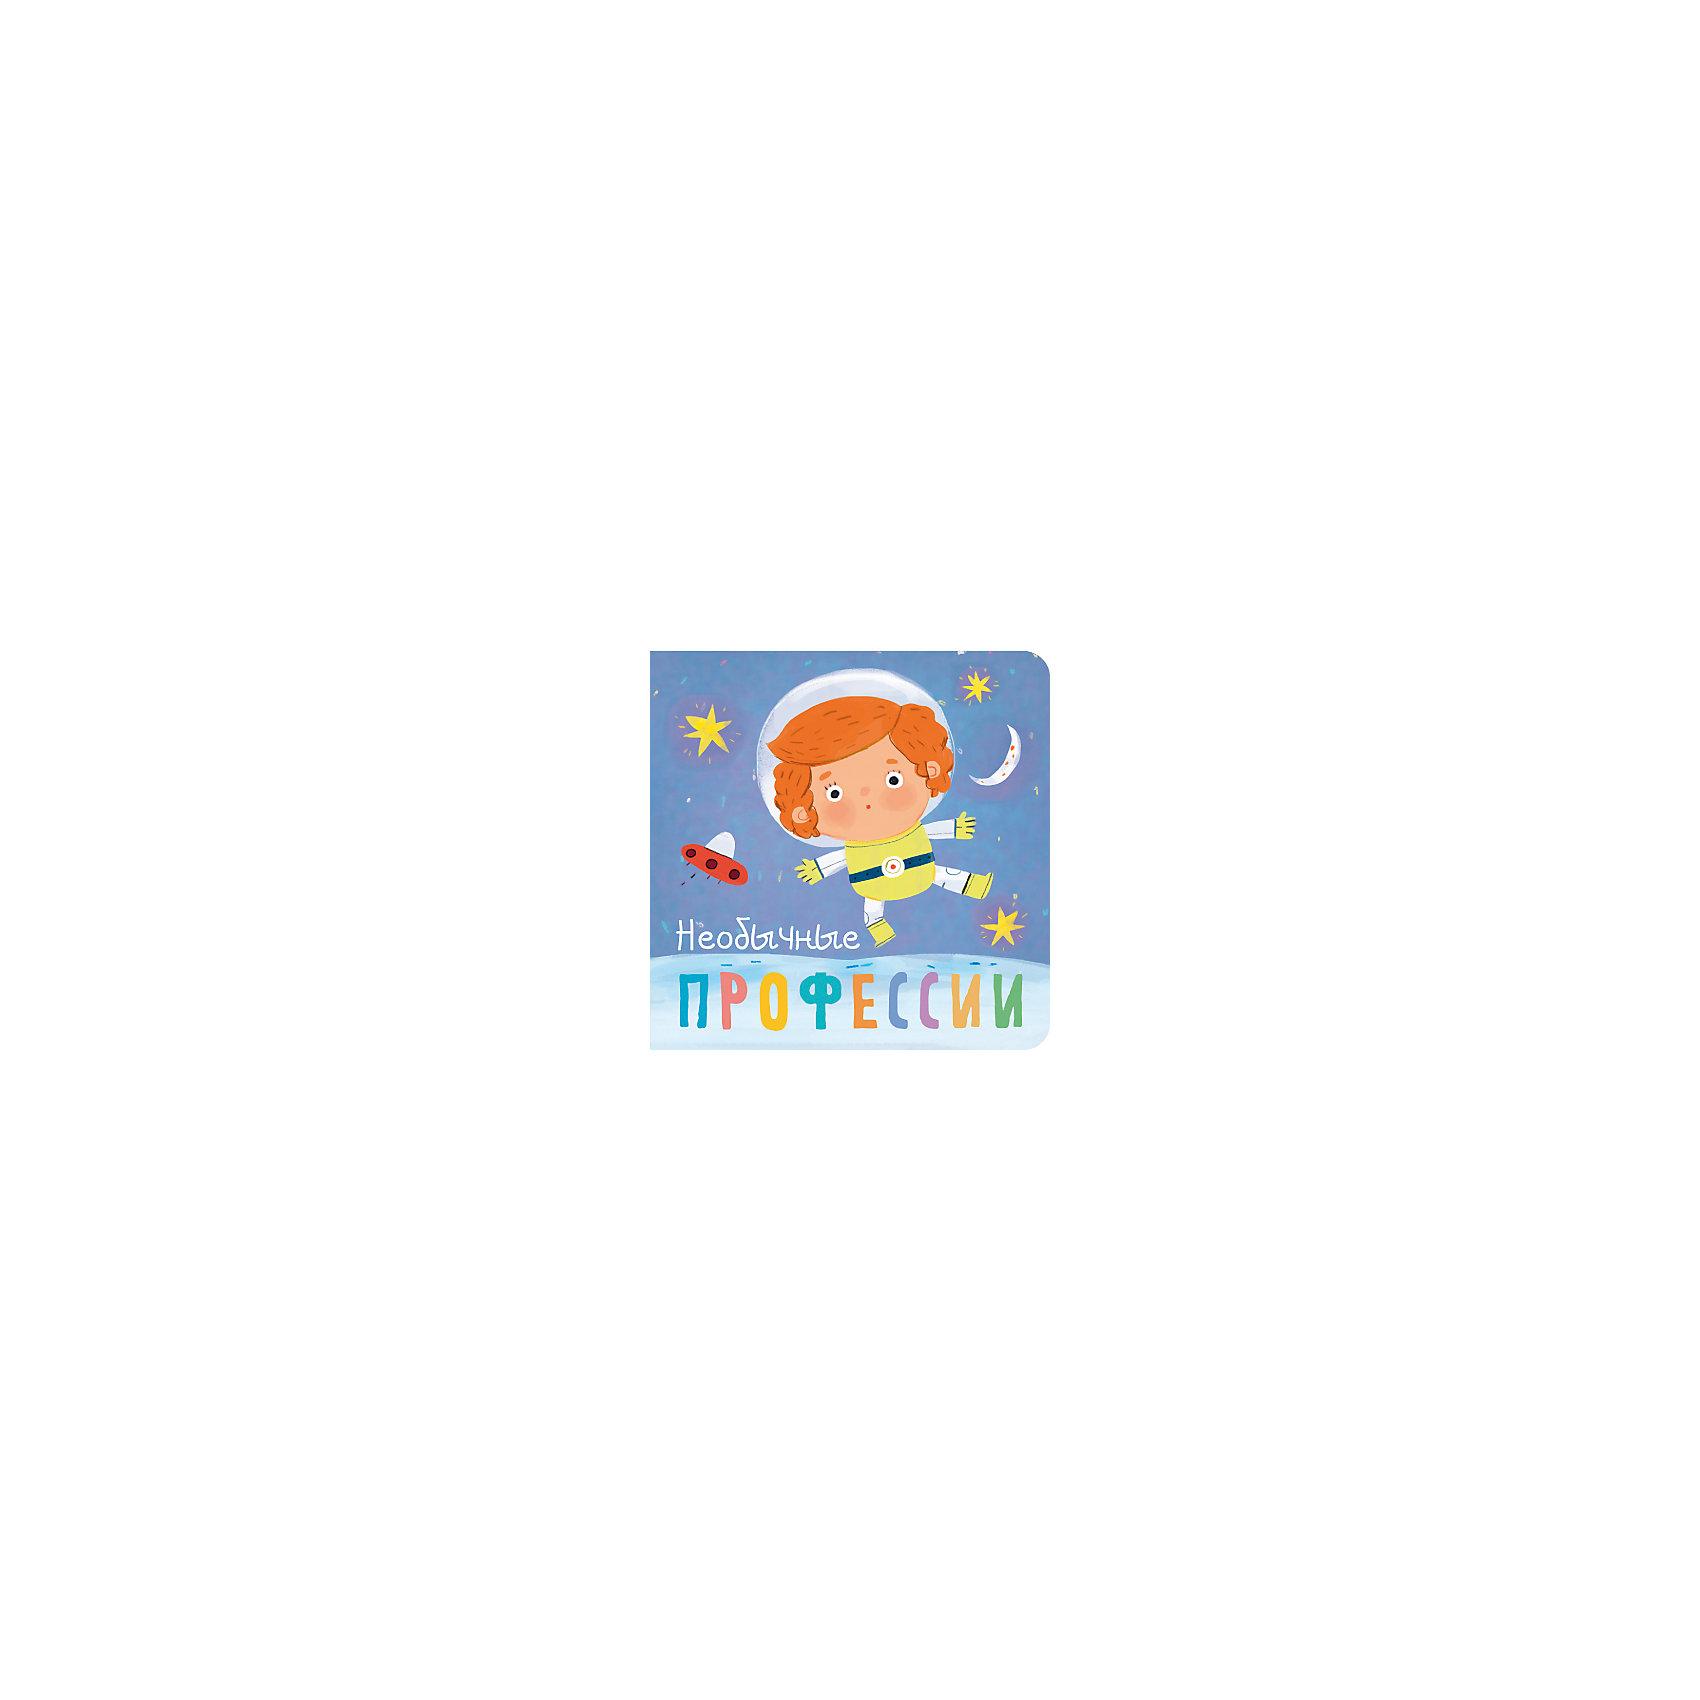 Книжка Профессии. Необычные профессииСтихи<br>Книжка Профессии. Необычные профессии.<br><br>Характеристики:<br><br>• Автор: Ольга Мозалева<br>• Художник: А. Сарвира<br>• Издательство: Мозаика-Синтез<br>• Серия: Профессии<br>• Тип обложки: картонная обложка<br>• Иллюстрации: цветные<br>• Количество страниц: 10 (картон)<br>• Размер: 100х100х16 мм.<br>• ISBN: 9785431510366<br><br>Яркая миниатюрная книжка познакомит малыша десятью необычными профессиями. Он встретит на страницах космонавта, флориста, полярника и других. Забавные иллюстрации и веселые двустишия обязательно понравятся ребенку и помогут легко усвоить новые знания. Книжка, созданная специально для детских ручек, изготовлена из плотного картона и будет долго радовать маленького читателя.<br><br>Книжку Профессии. Необычные профессии можно купить в нашем интернет-магазине.<br><br>Ширина мм: 170<br>Глубина мм: 100<br>Высота мм: 100<br>Вес г: 103<br>Возраст от месяцев: 24<br>Возраст до месяцев: 60<br>Пол: Унисекс<br>Возраст: Детский<br>SKU: 5489595